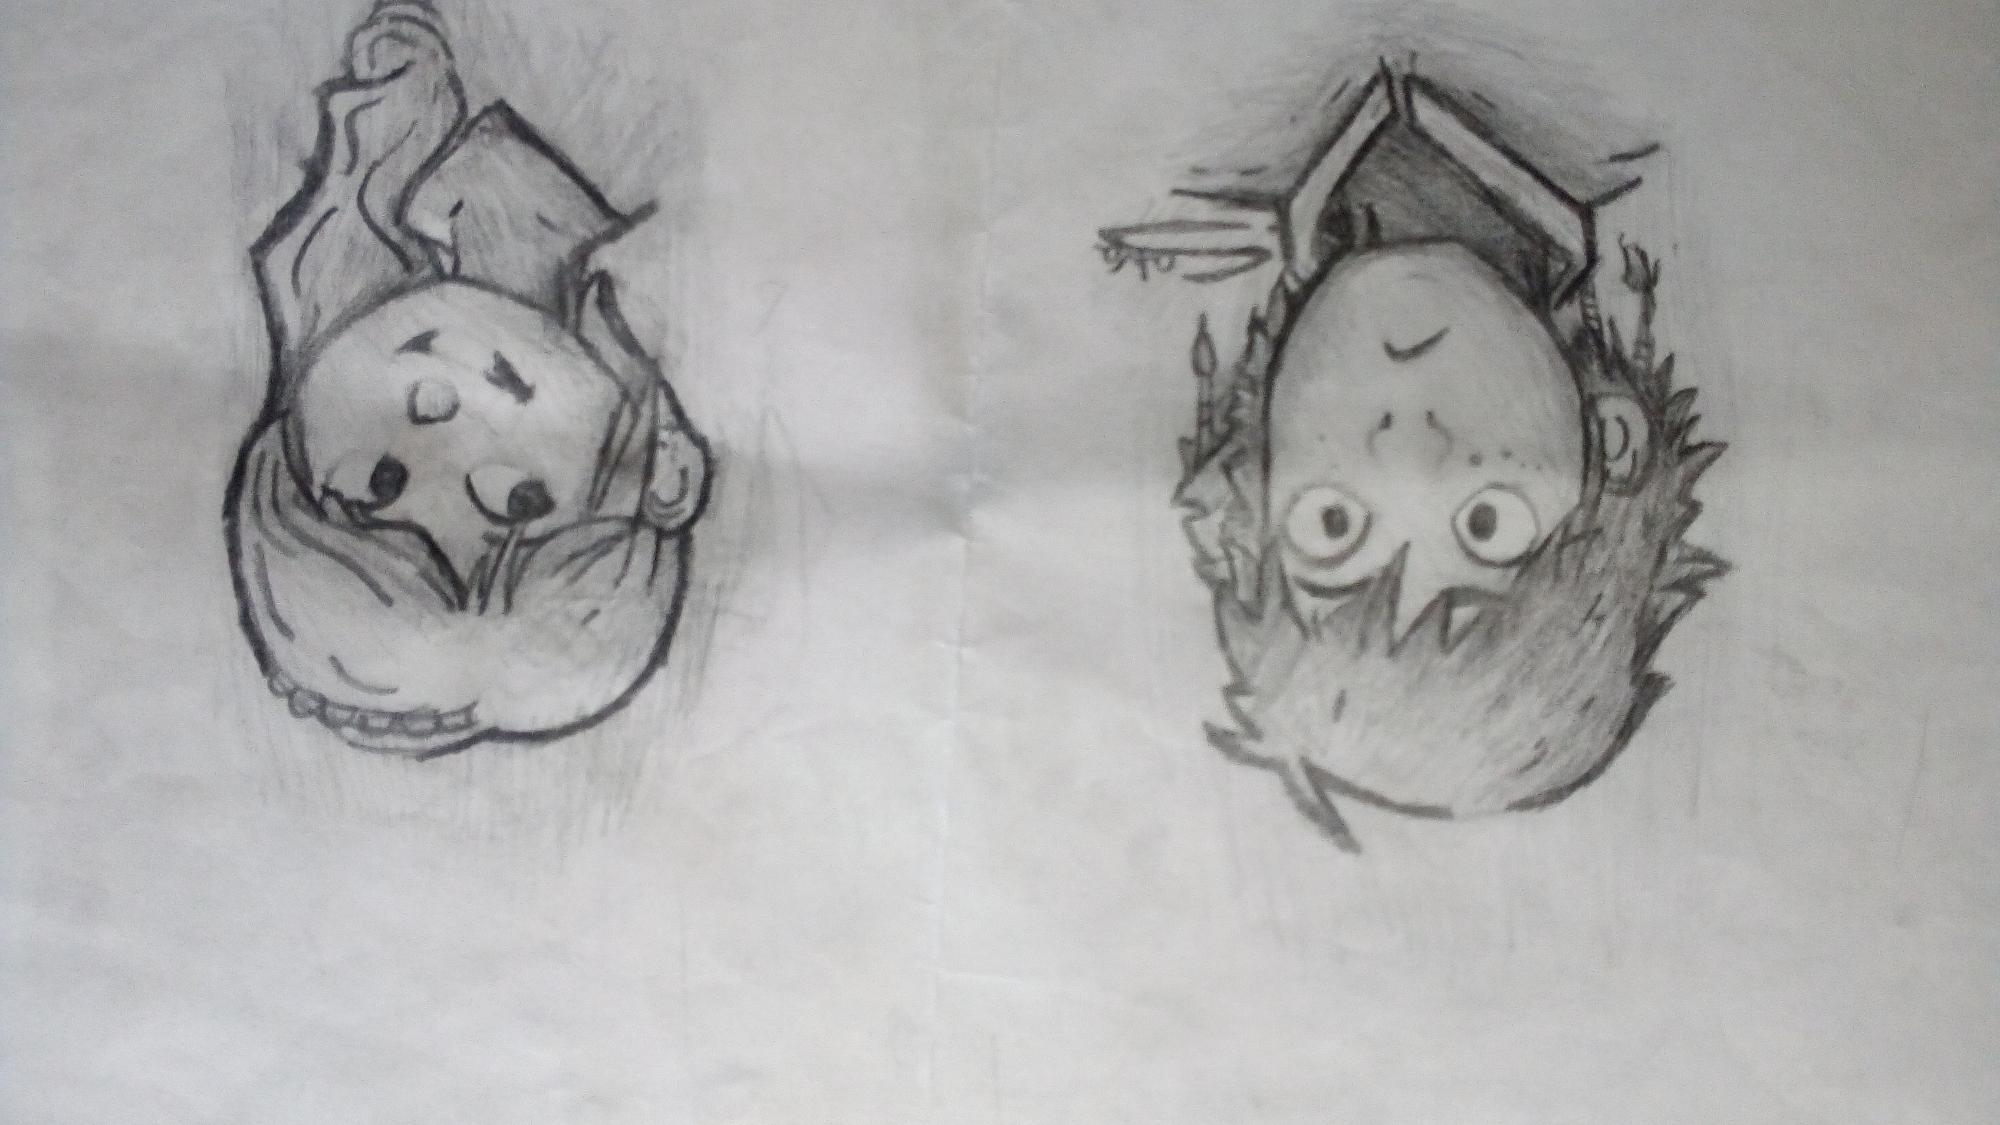 Jaja me salió al revés pero bueno, aquí les traigo un dibujo que hice hace mucho sobre hipo y Astrid, díganme si les gustaa 😂😆